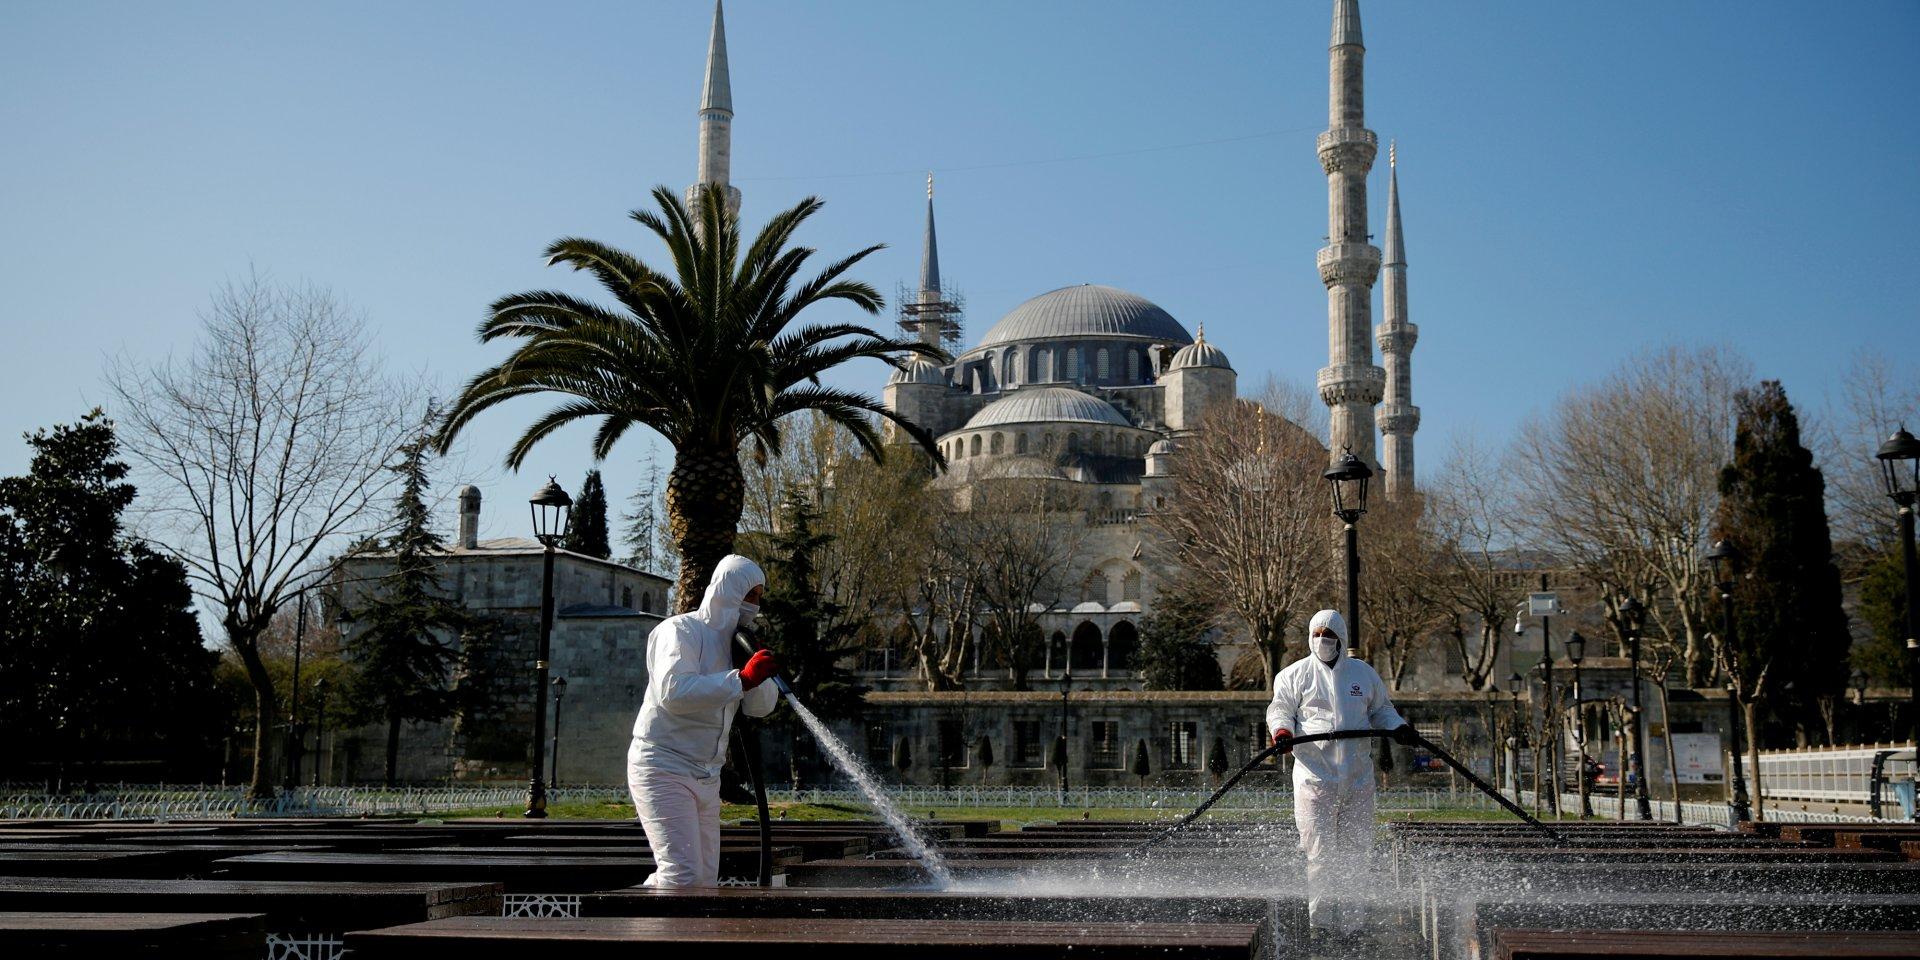 «Я бы не советовал ехать в Турцию сейчас» - Онищенко